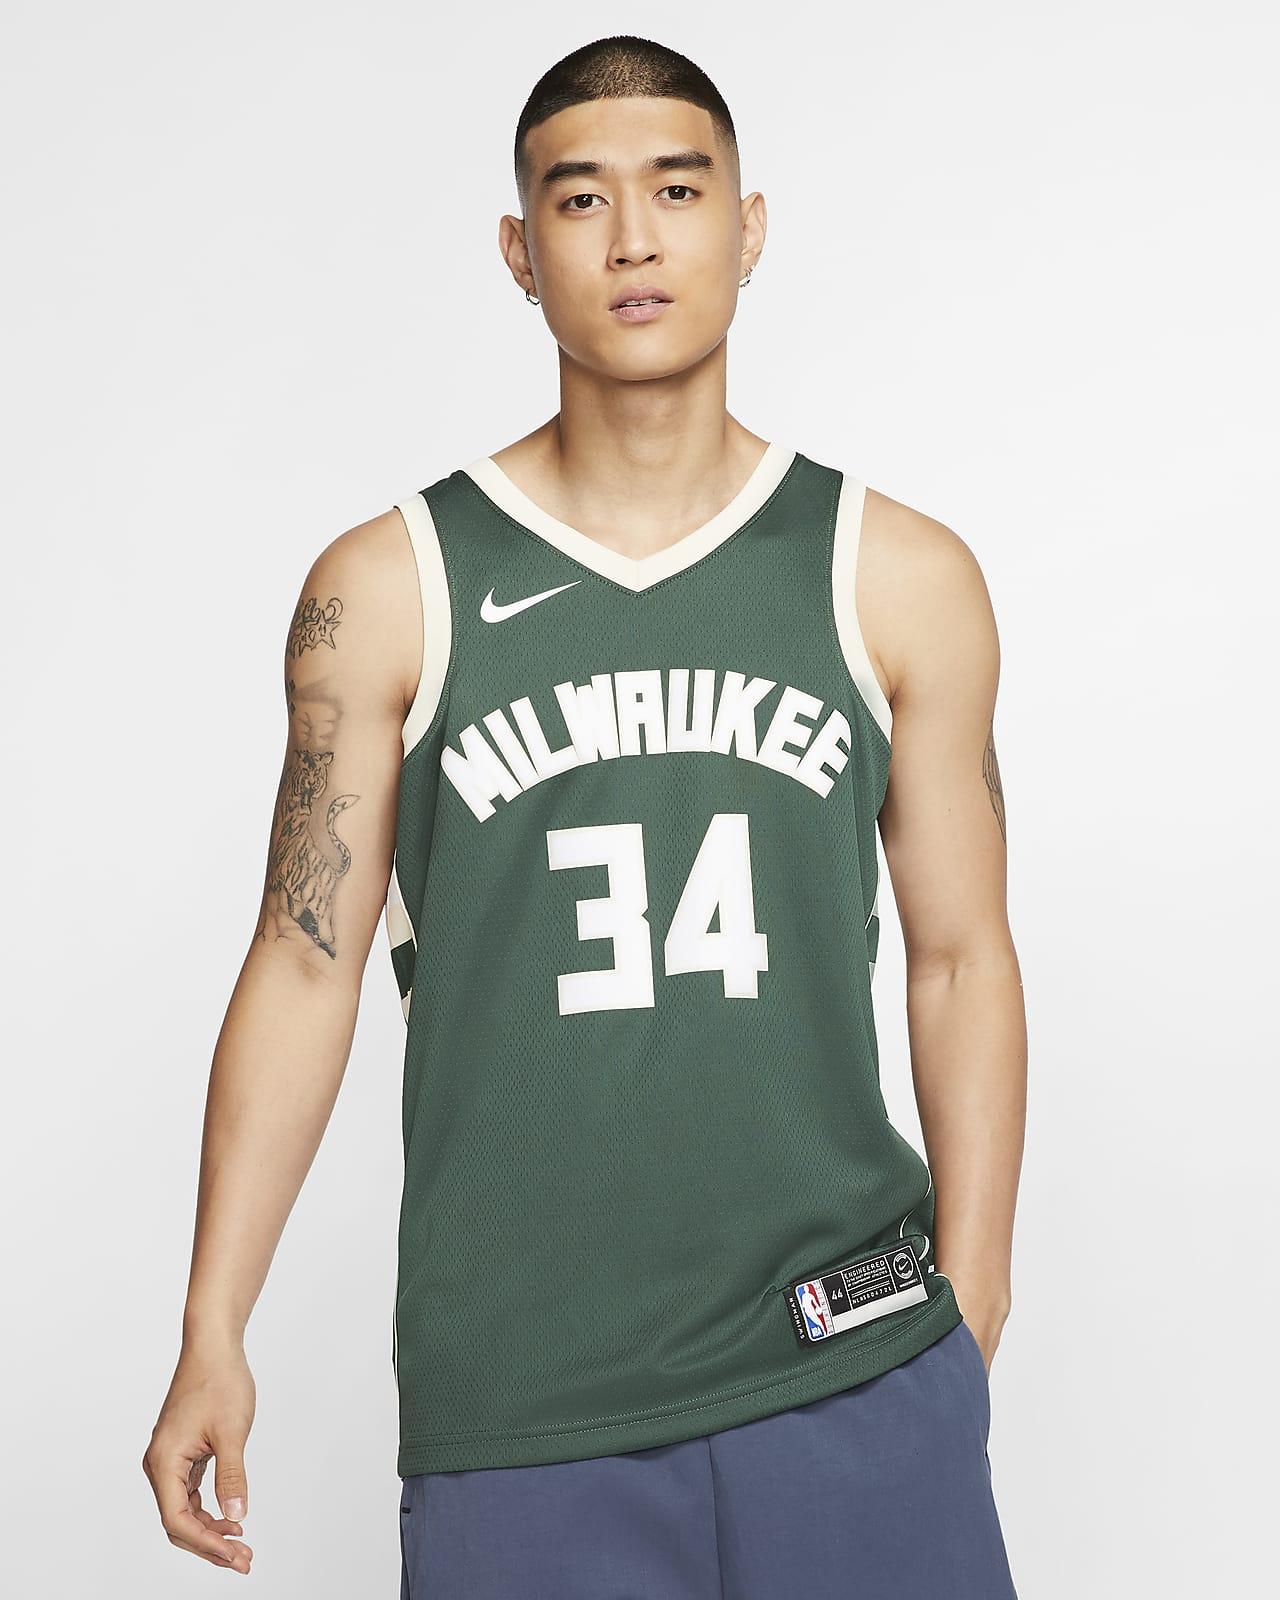 Camisola NBA da Nike Swingman Giannis Antetokounmpo Bucks Icon Edition para homem